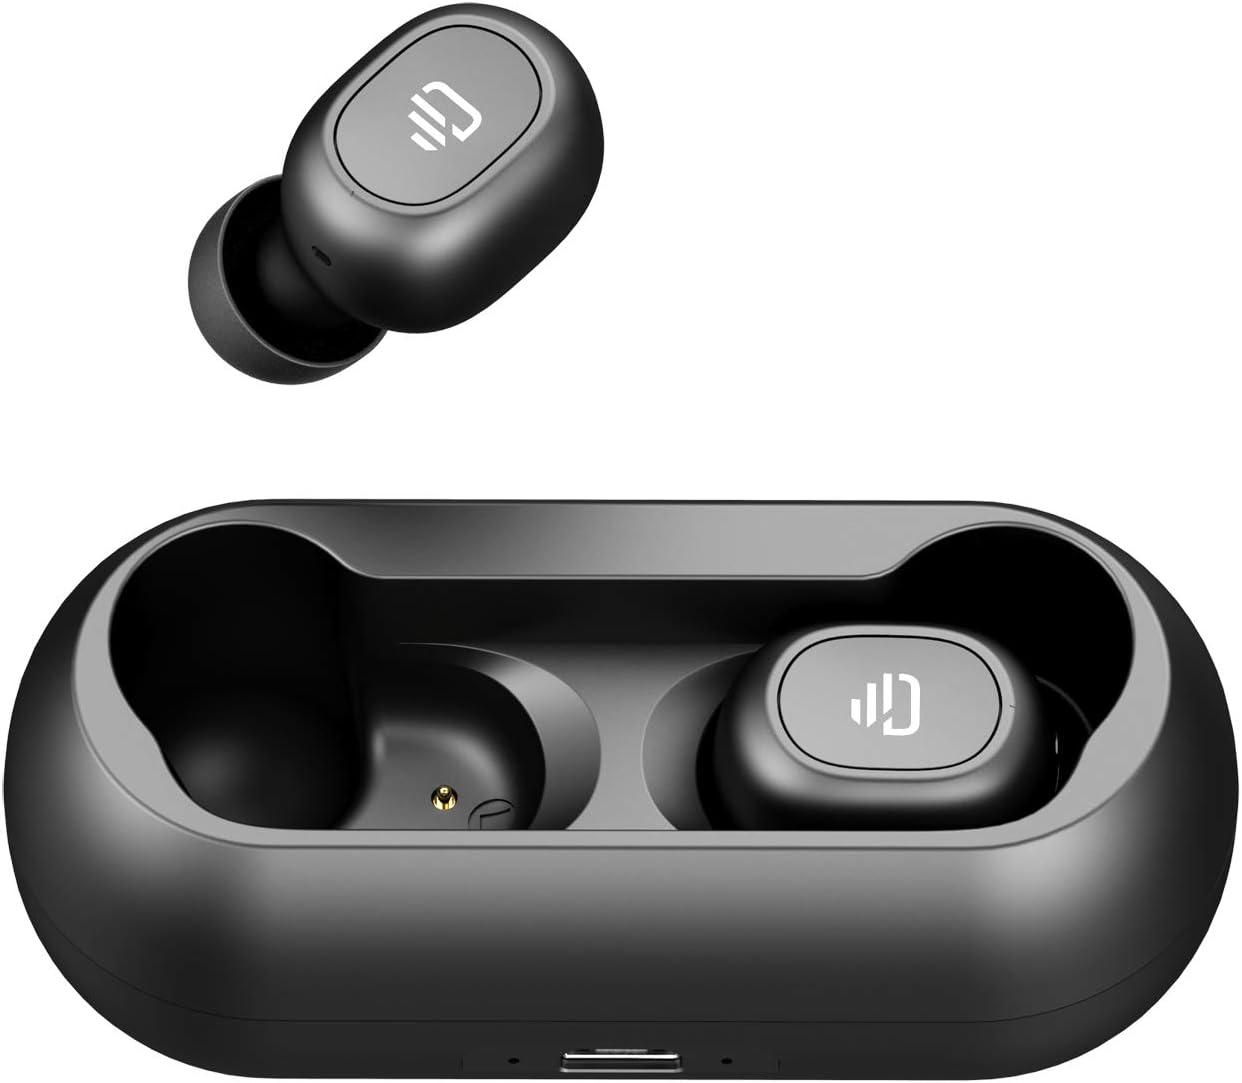 Auriculares Bluetooth inalámbricos Dudios Air por sólo 16,19€ con el #código: BKLRTDET